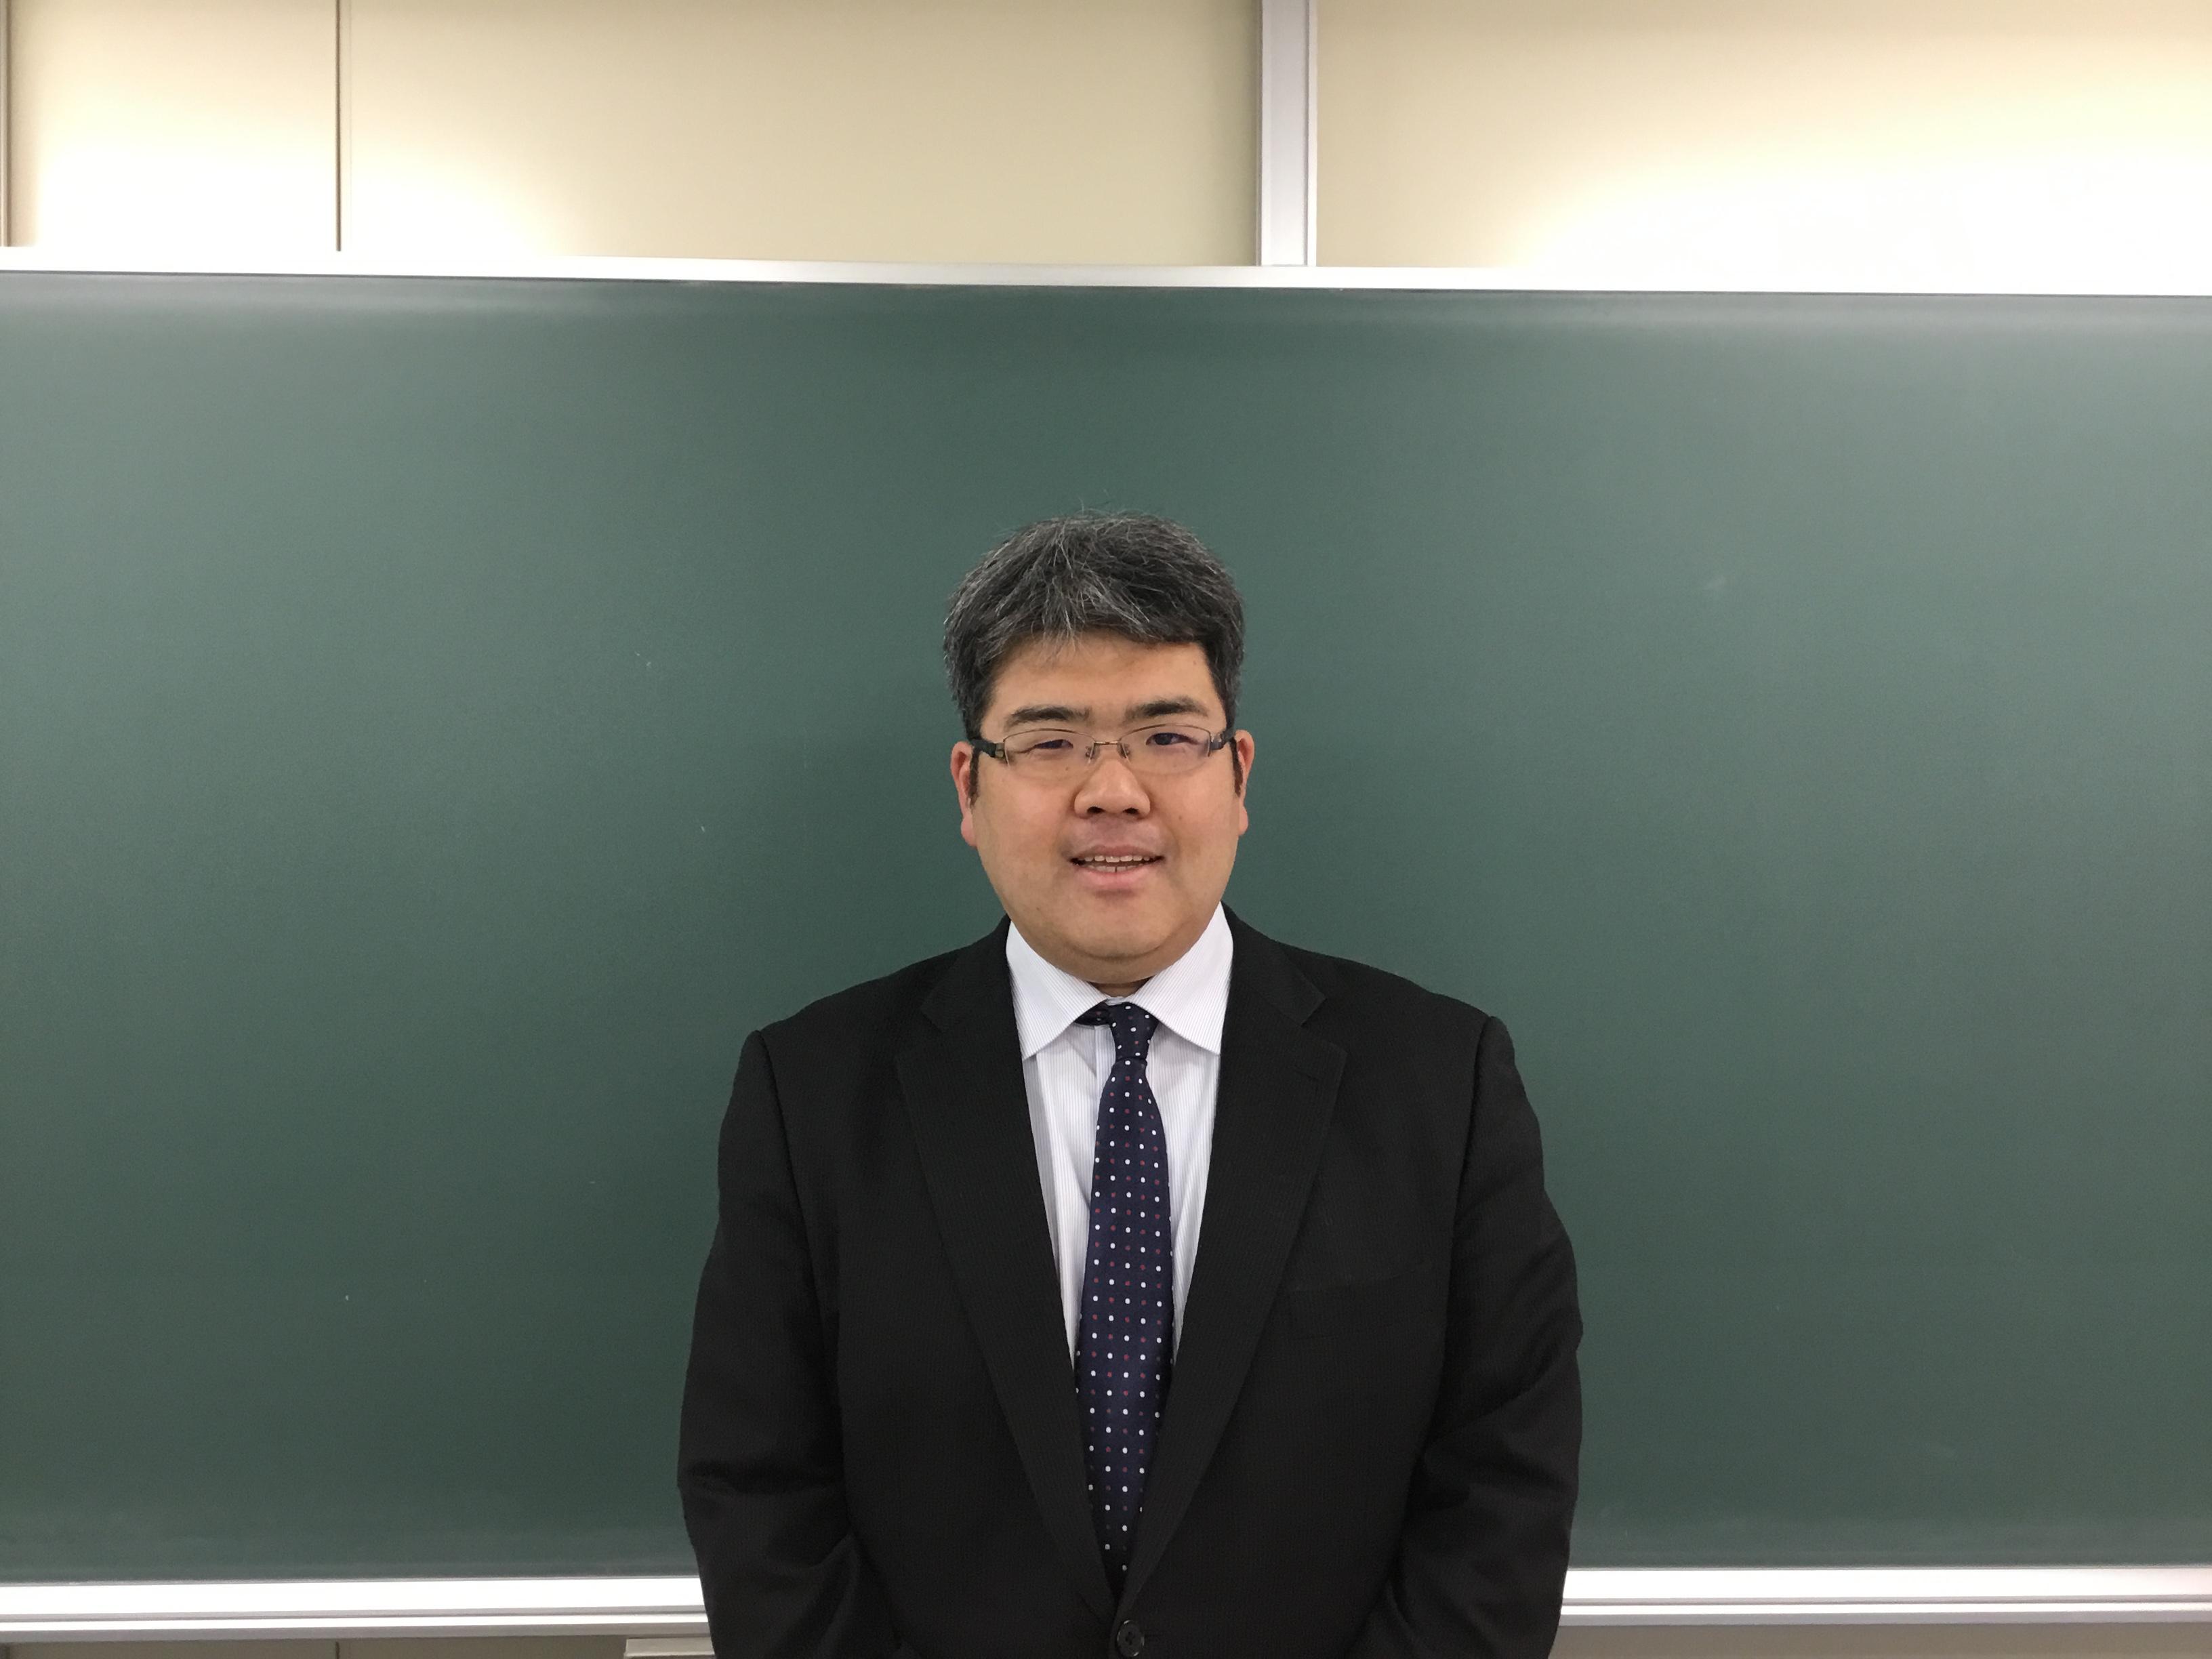 加藤講師の写真